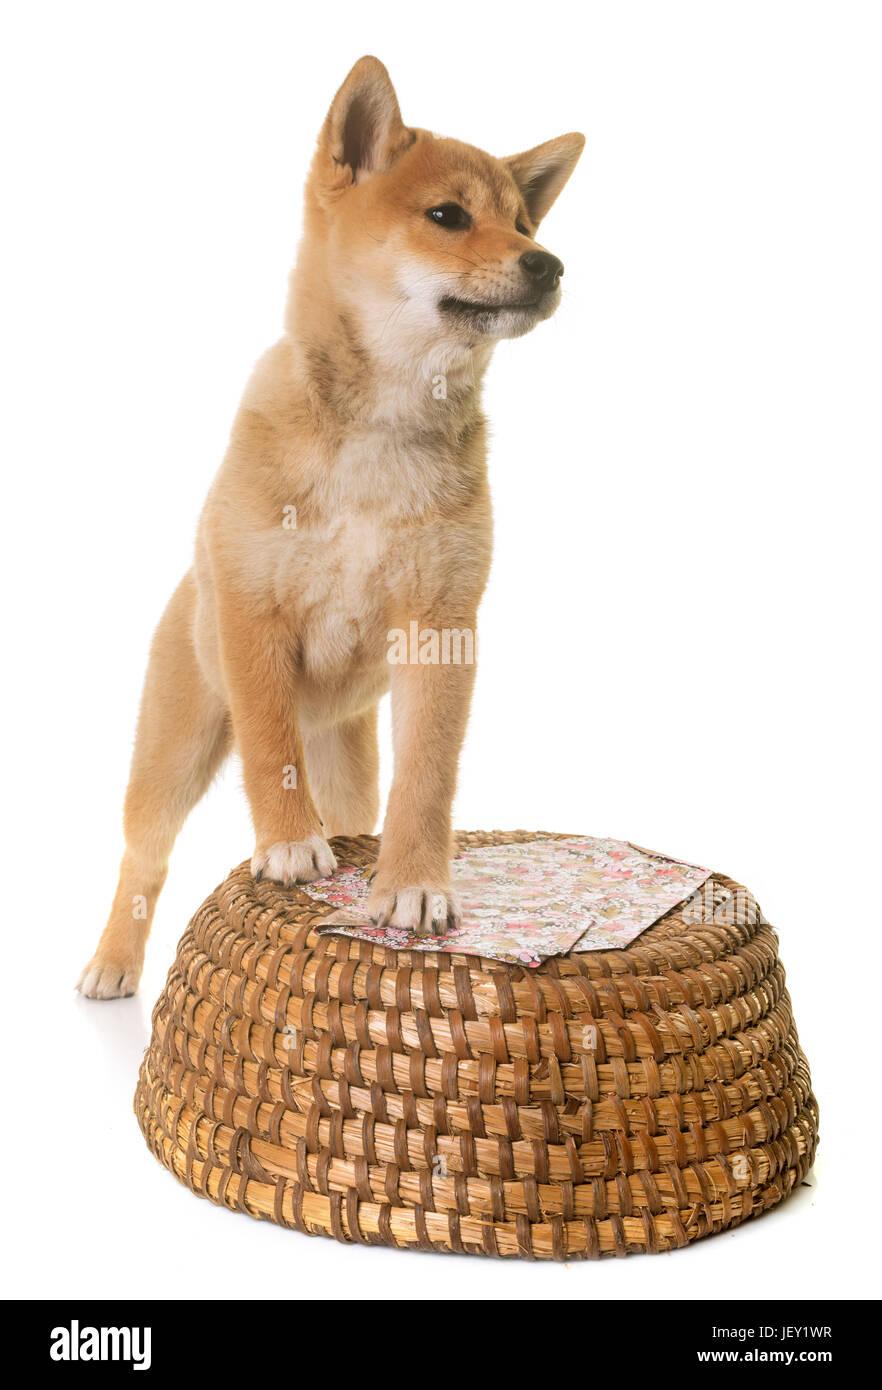 Welpen-Shiba Inu vor weißem Hintergrund Stockfoto, Bild: 146882339 ...